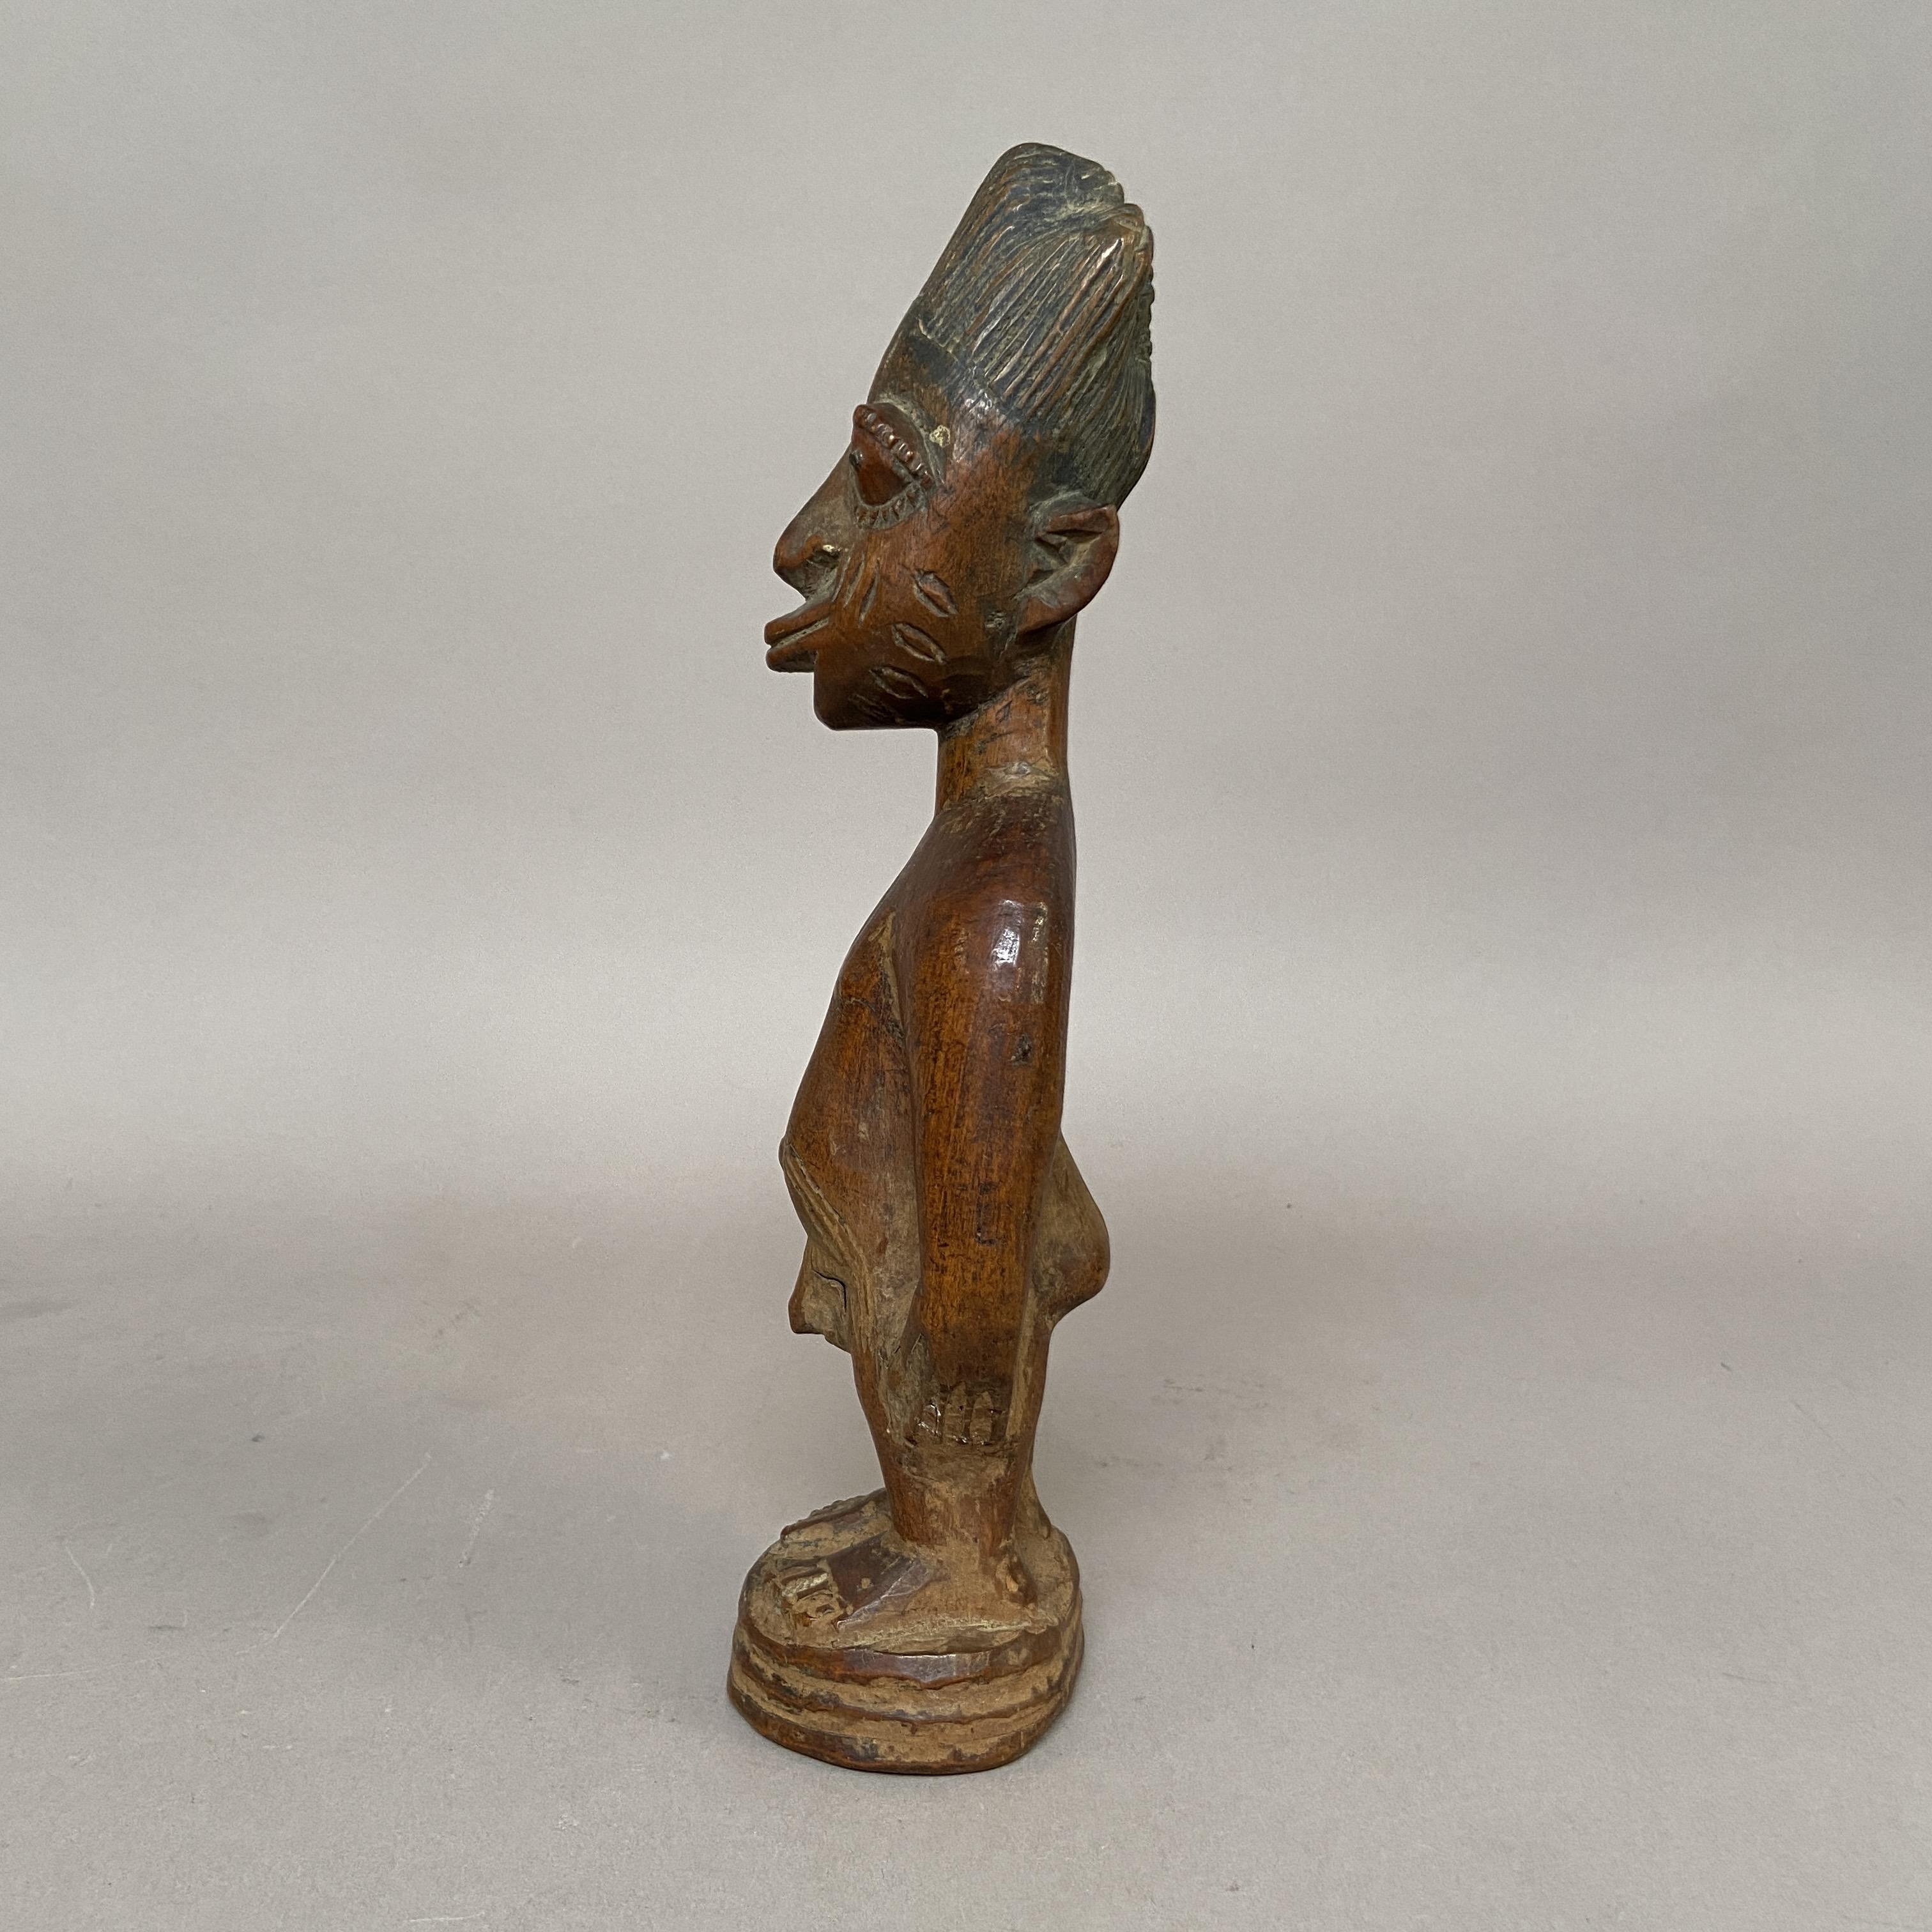 Ibeji, Yoruba